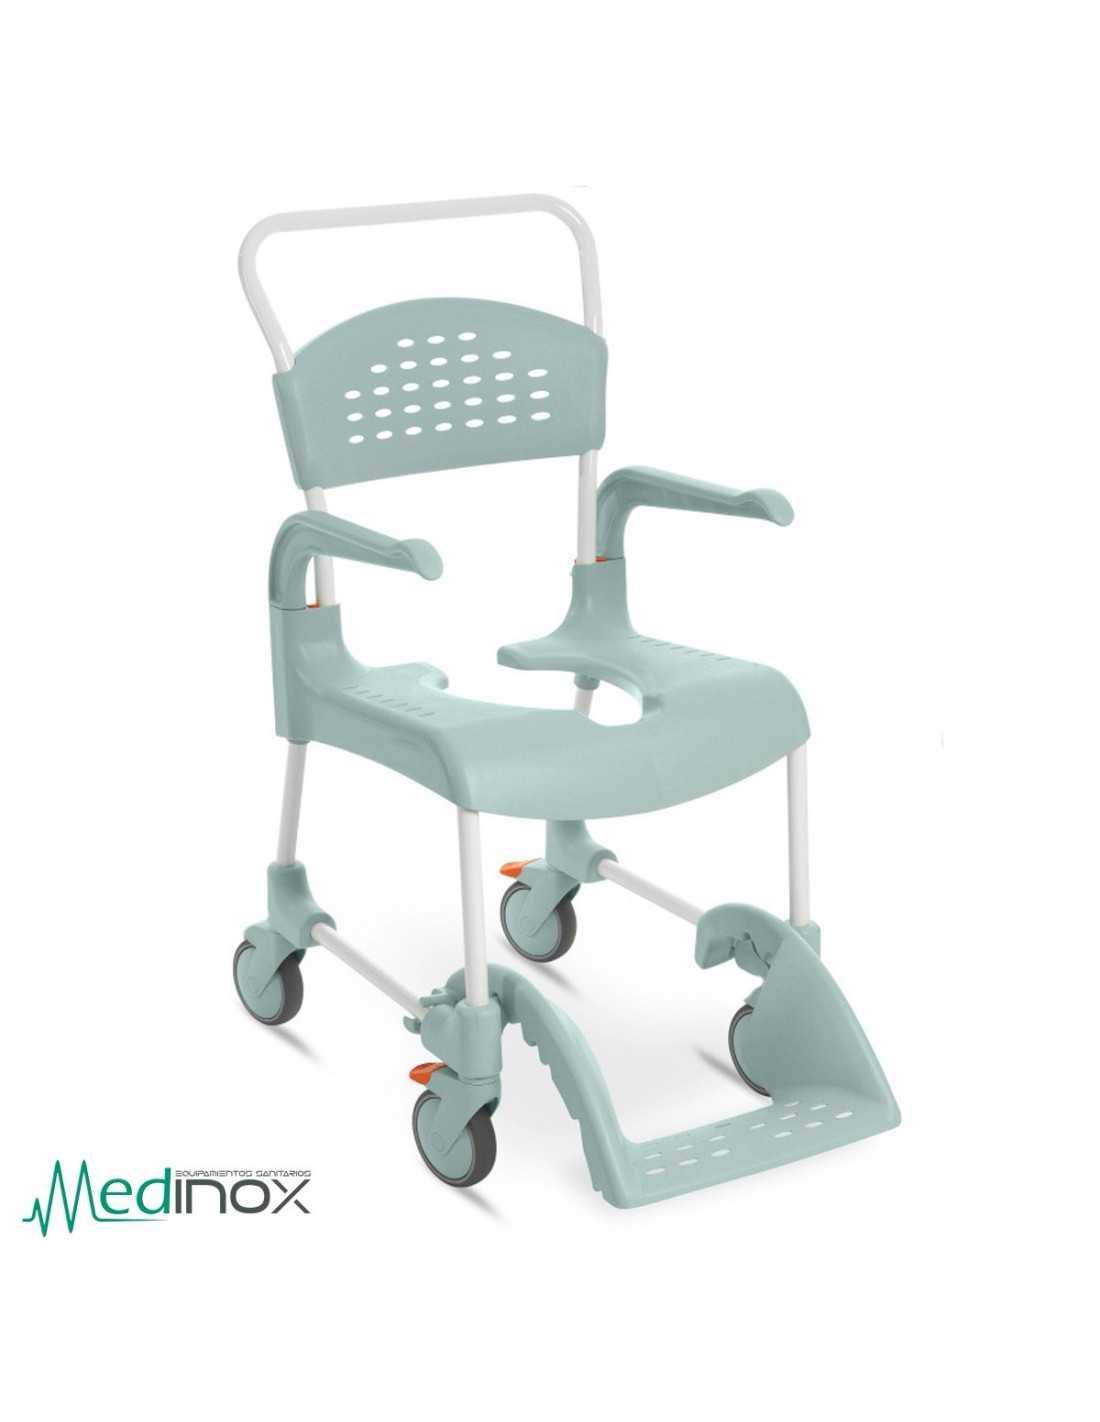 Sillas para ducha con ruedas ayad828 silla de ba o con ruedas resistente - Ruedas de sillas ...